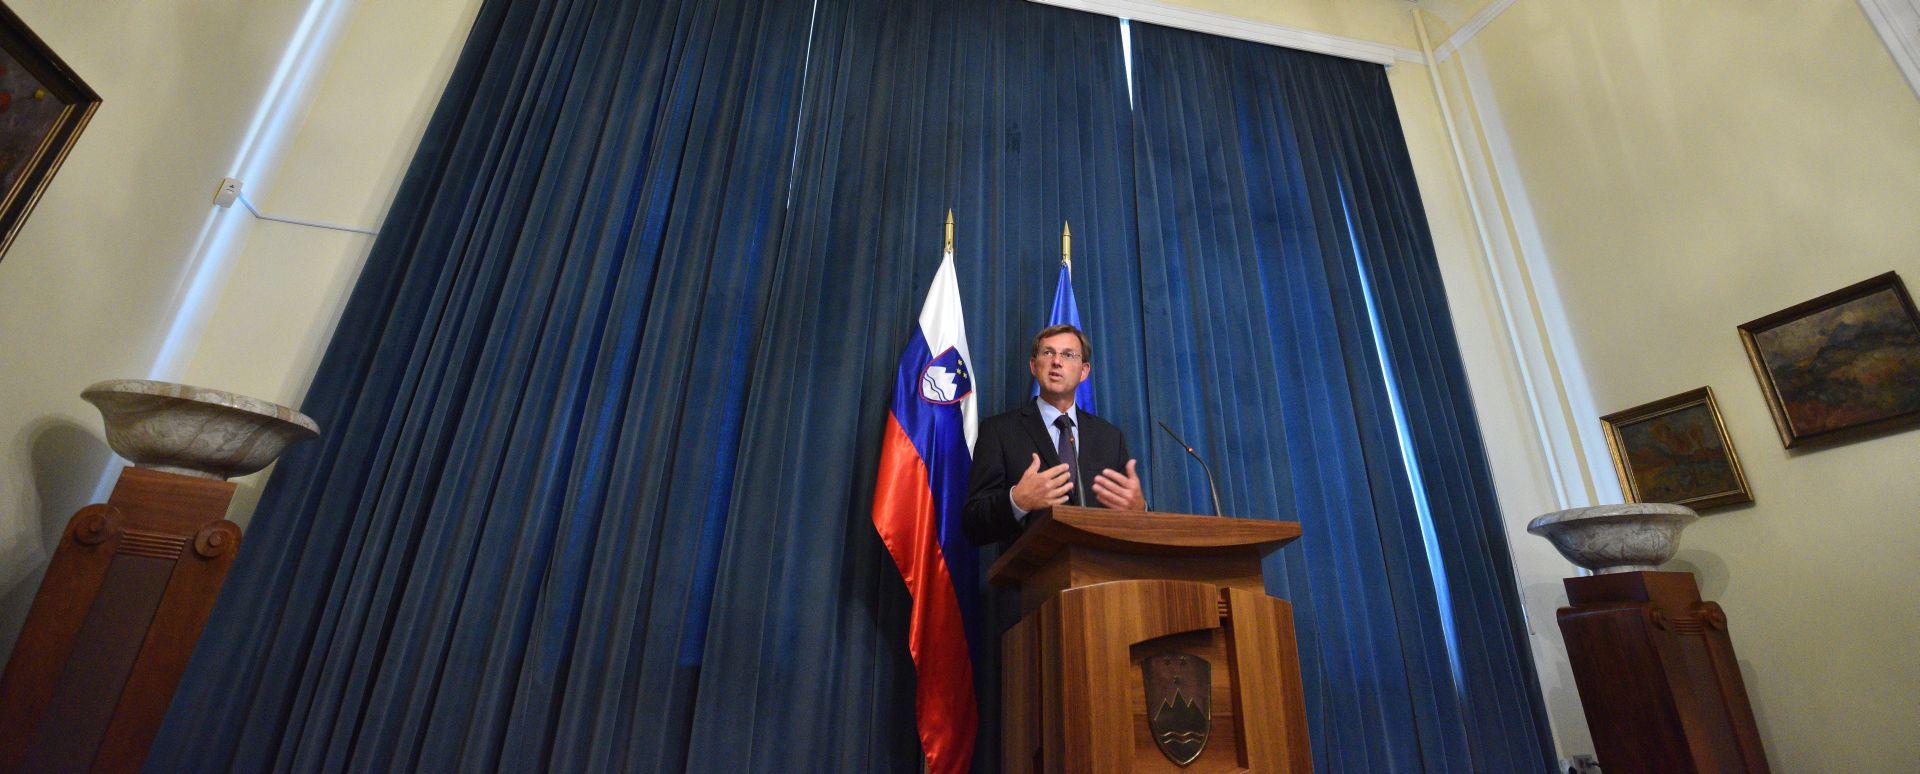 HND: Nedopustivo da slovenski premijer zabranjuje pitanja hrvatskim novinarima